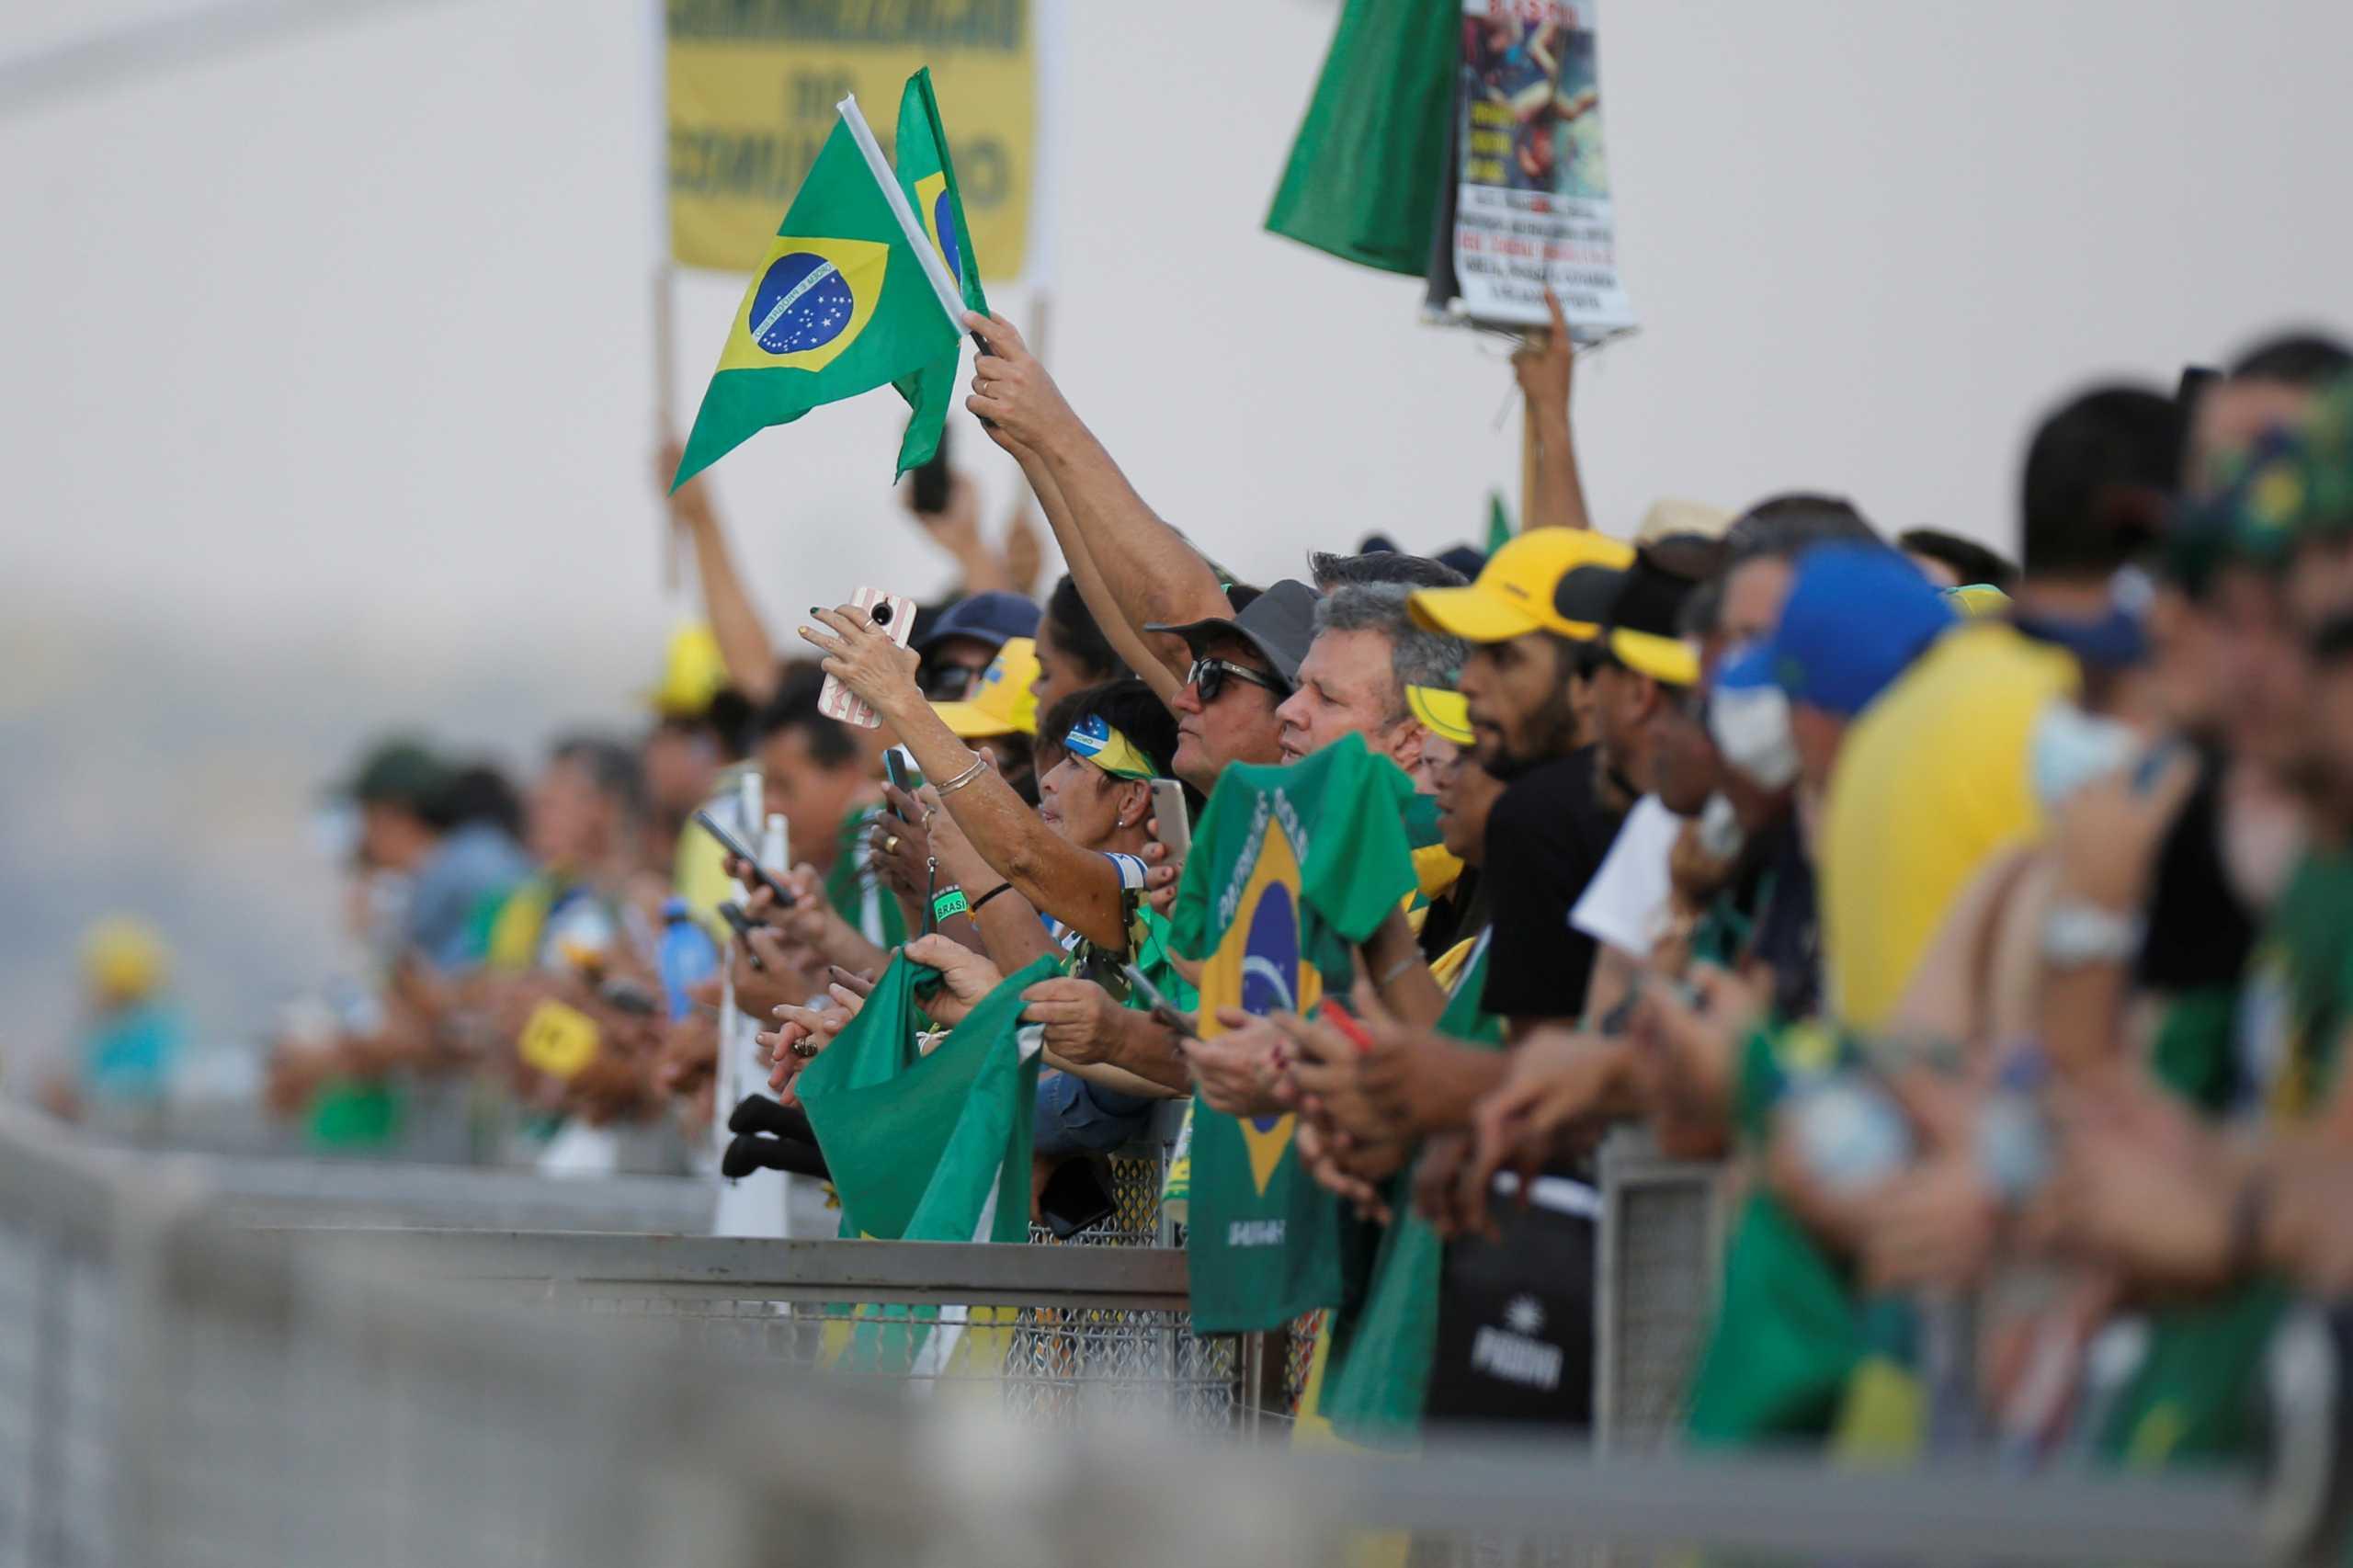 Βραζιλία: Οπαδοί του Μπολσονάρο έσπειραν το χάος στην Μπραζίλια – Φόβοι για πραξικόπημα